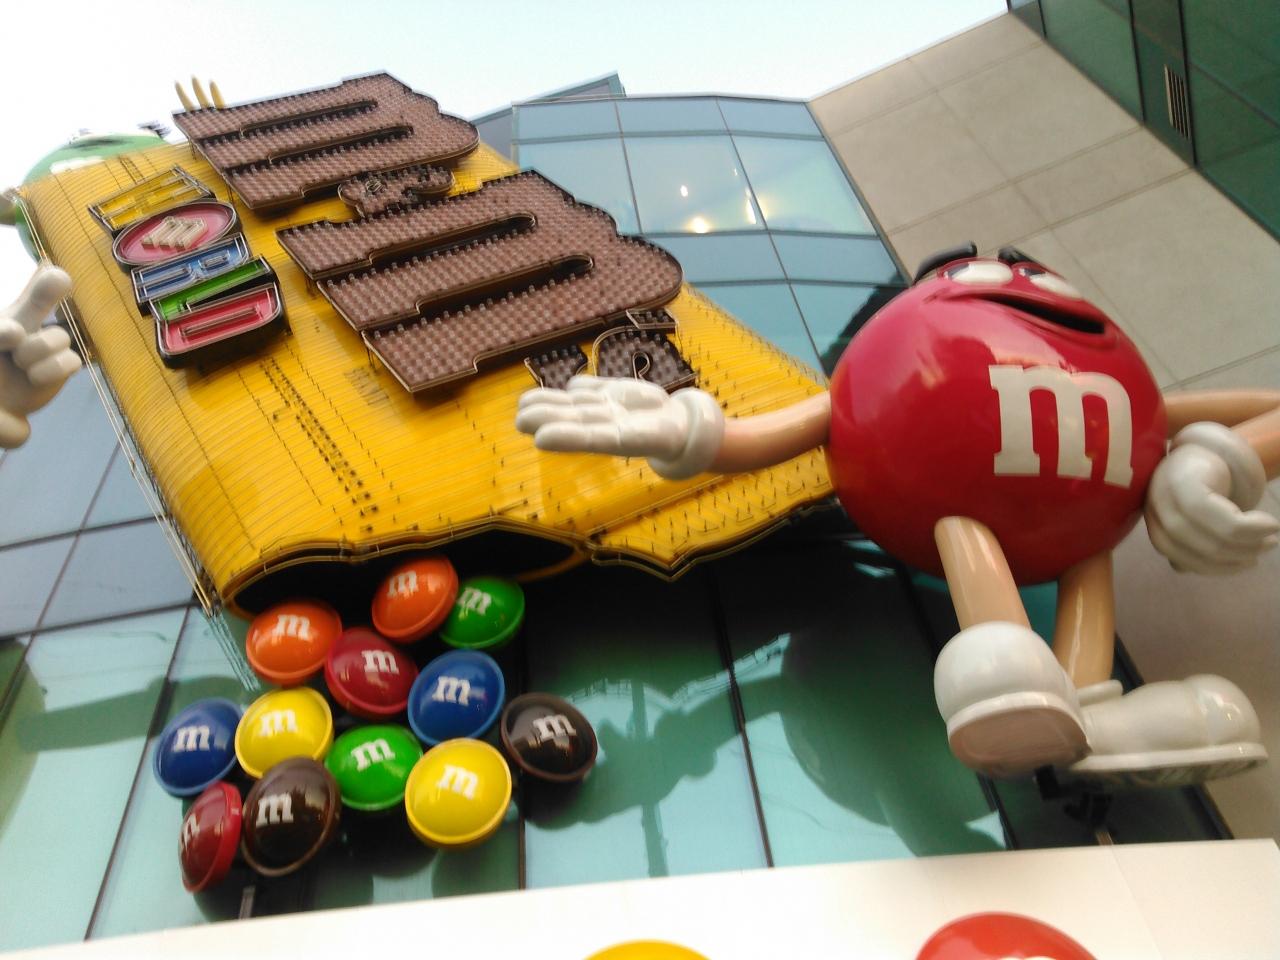 自分だけのm Mを作ろう M M S World ラスベガス ネバダ州 アメリカ の旅行記 ブログ By Vegas Mama Vegasmama4 さん フォートラベル